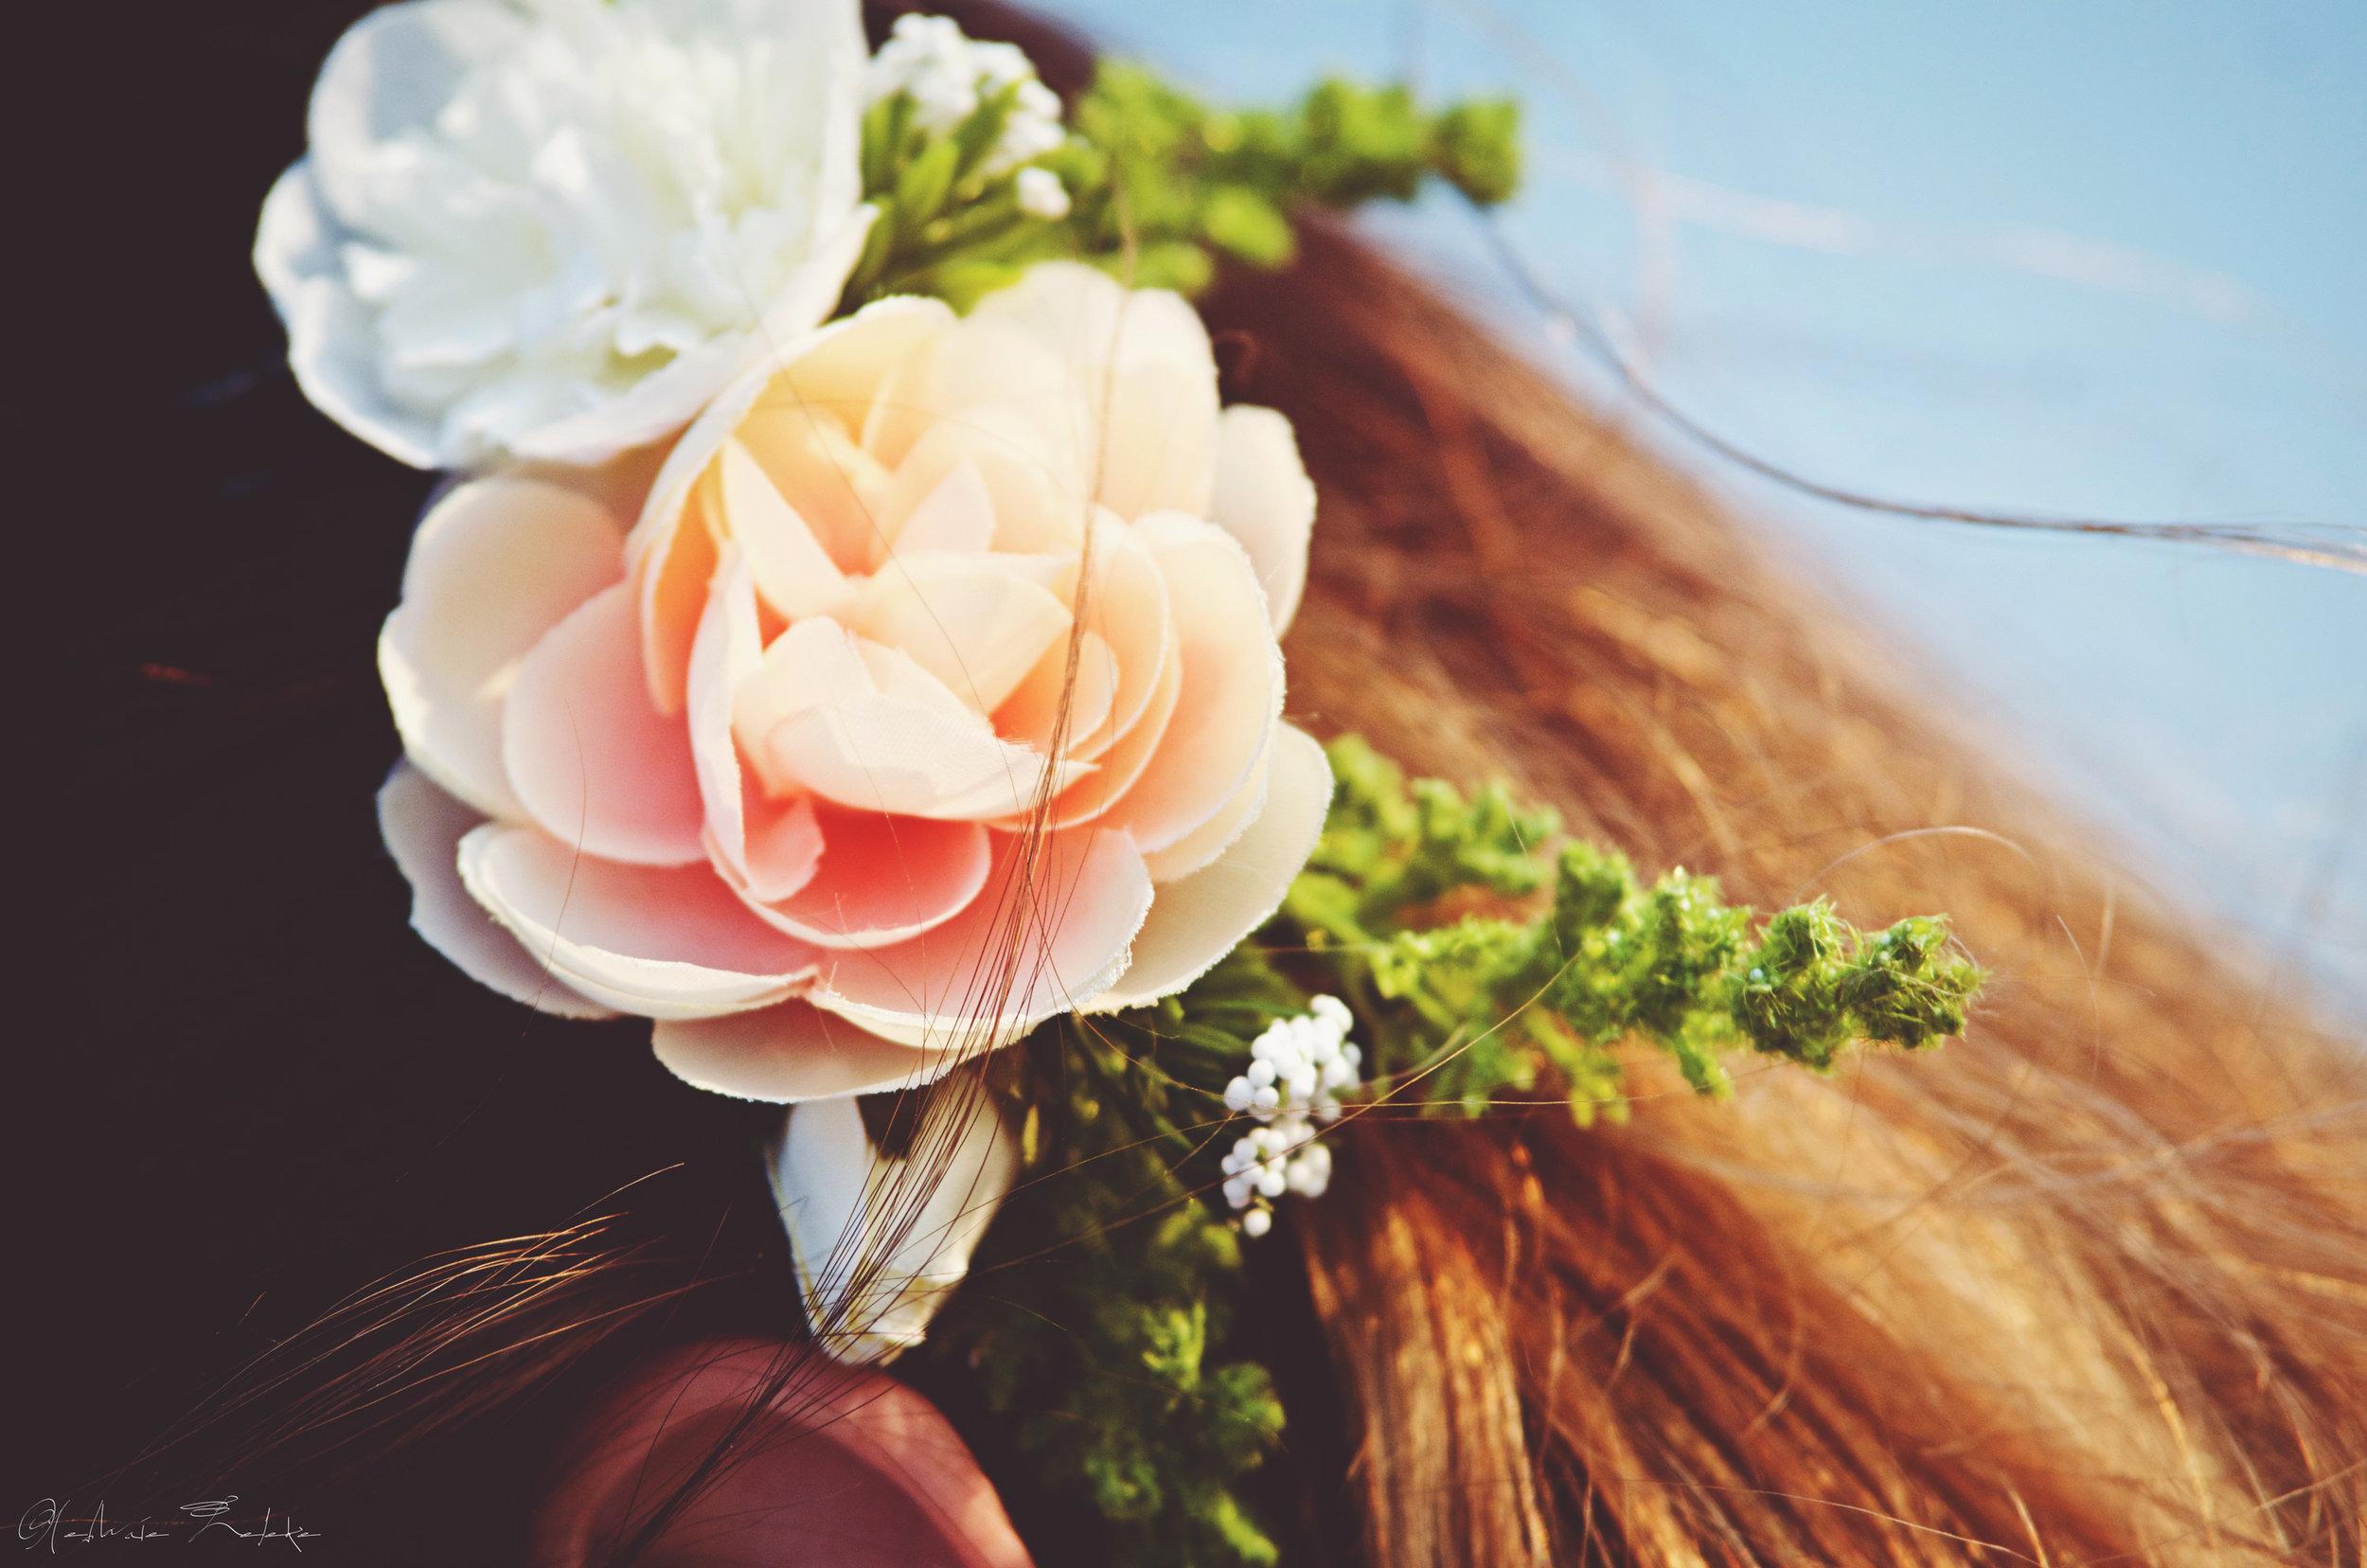 Cassidy-Ryan-Wedding-41.jpg